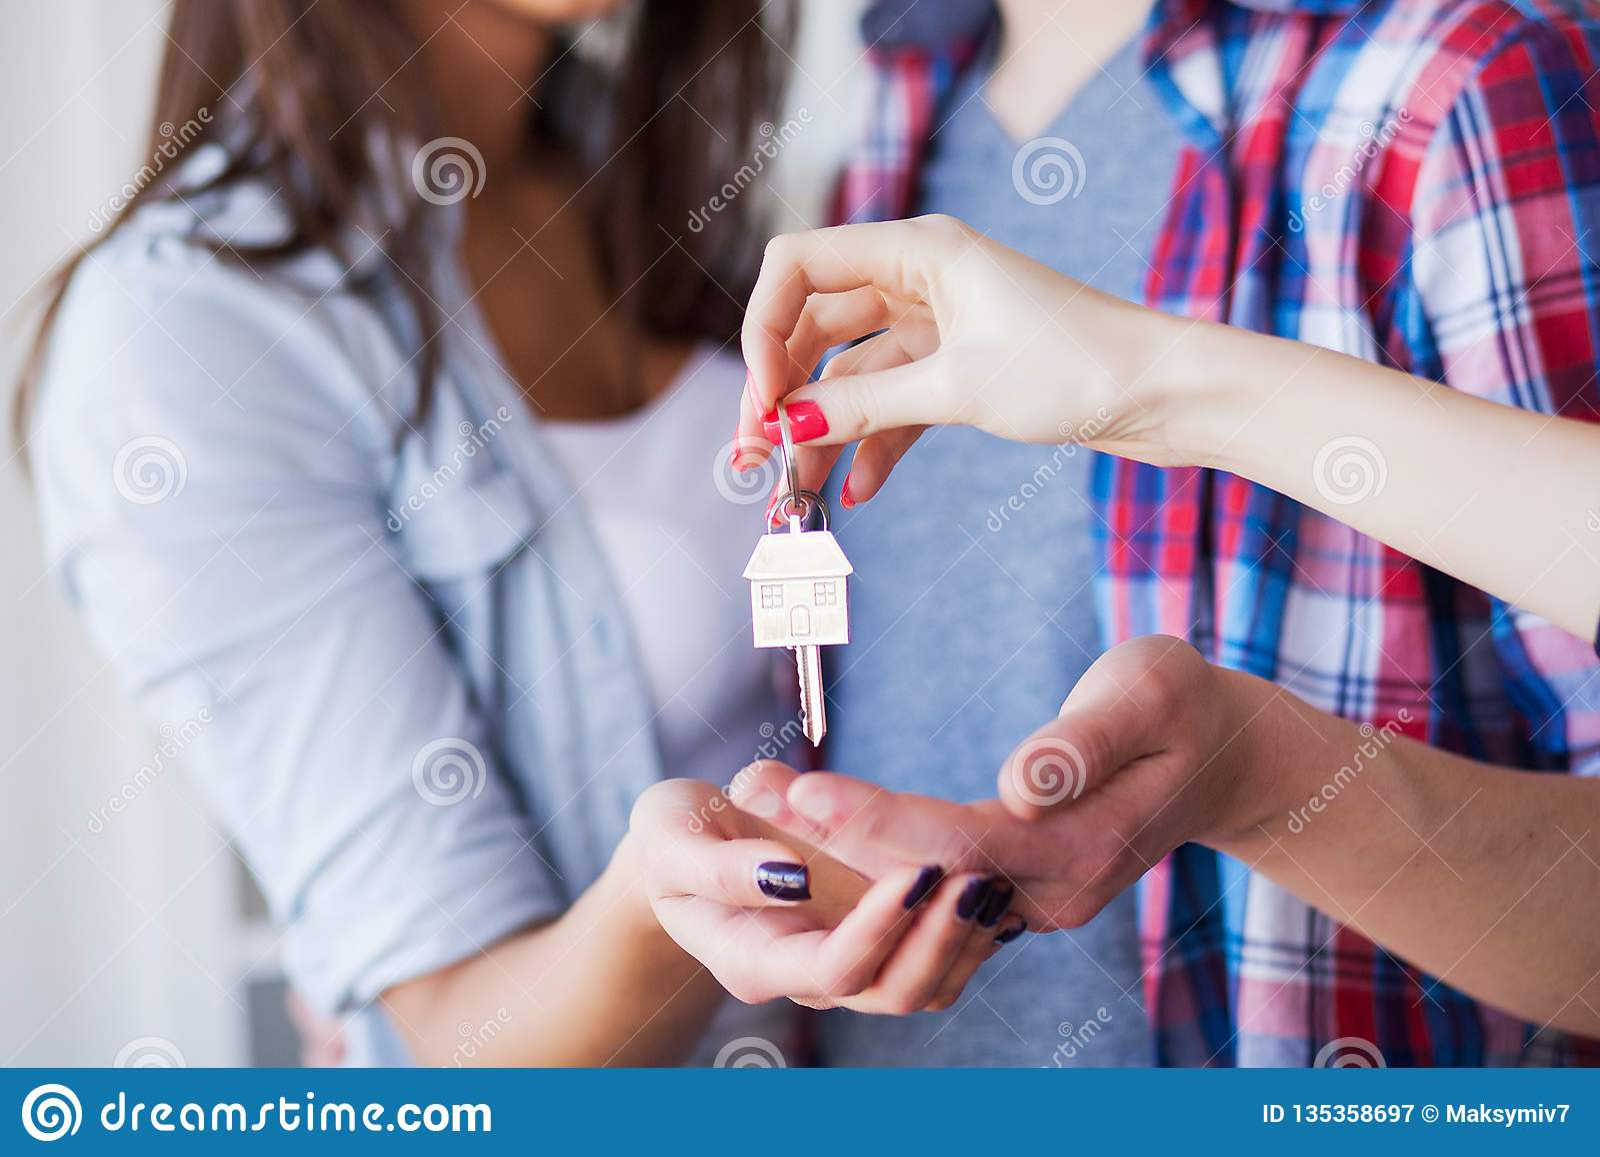 Nuova casa Le giovani coppie divertenti godono di e celebrando muoversi verso la nuova casa Coppie felici a stanza vuota di nuova